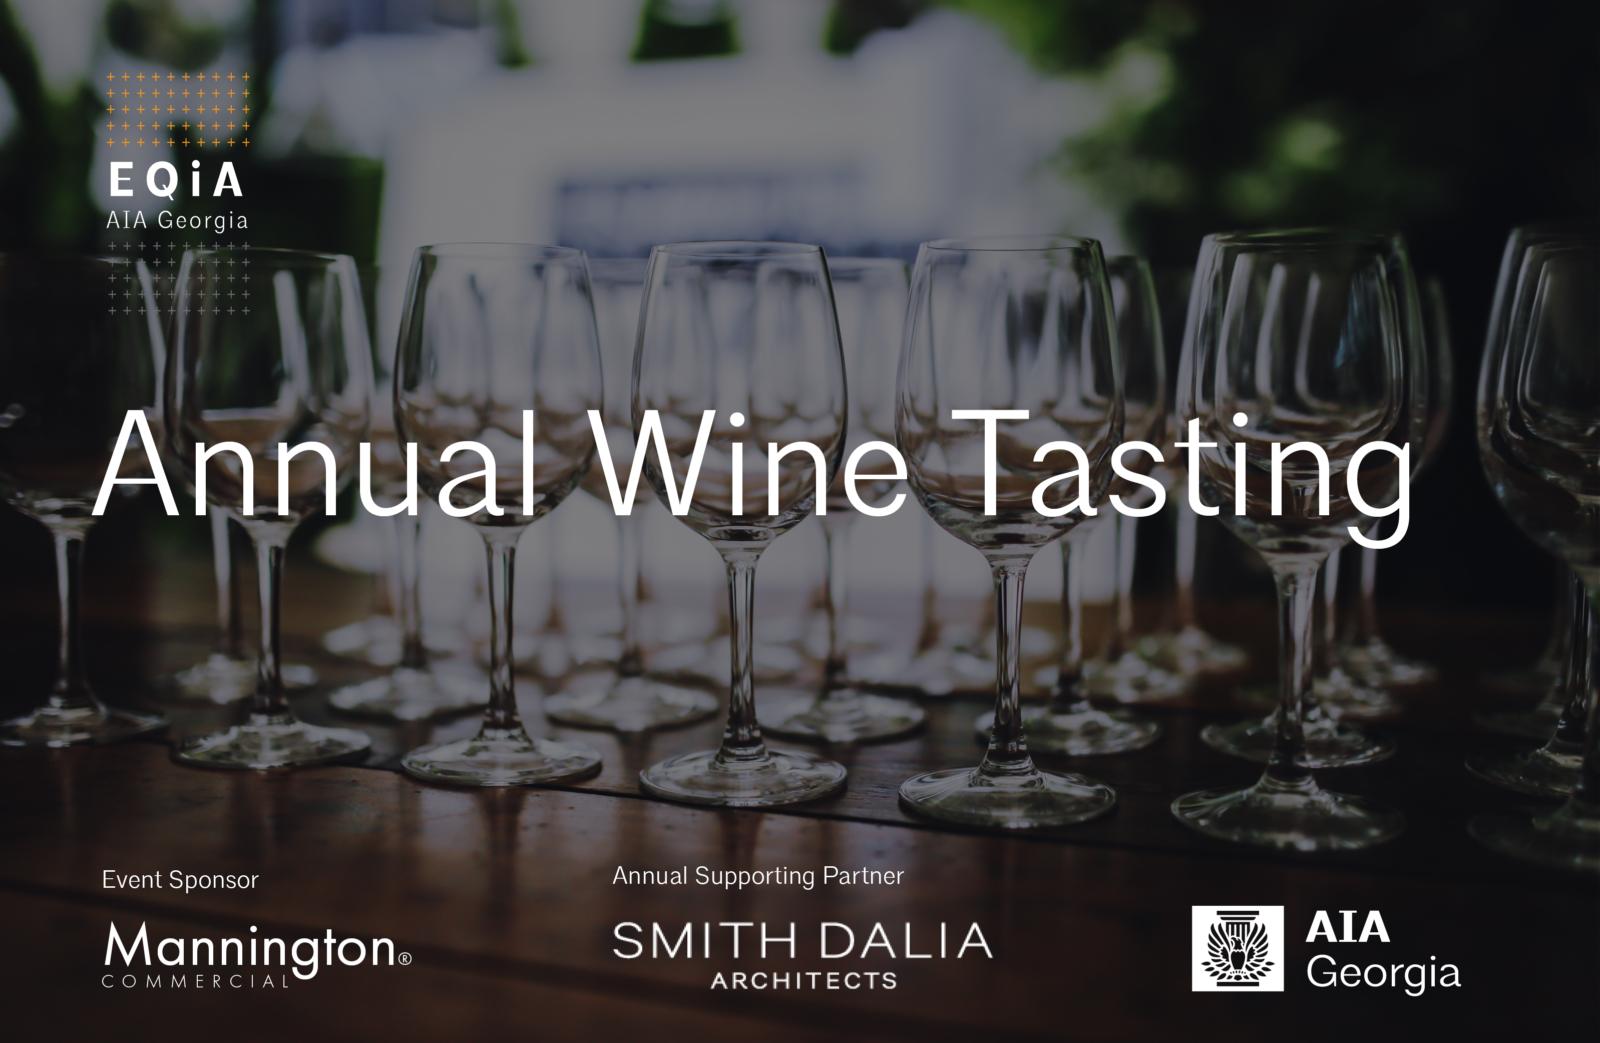 EQiA: Winter Wine Tasting Social